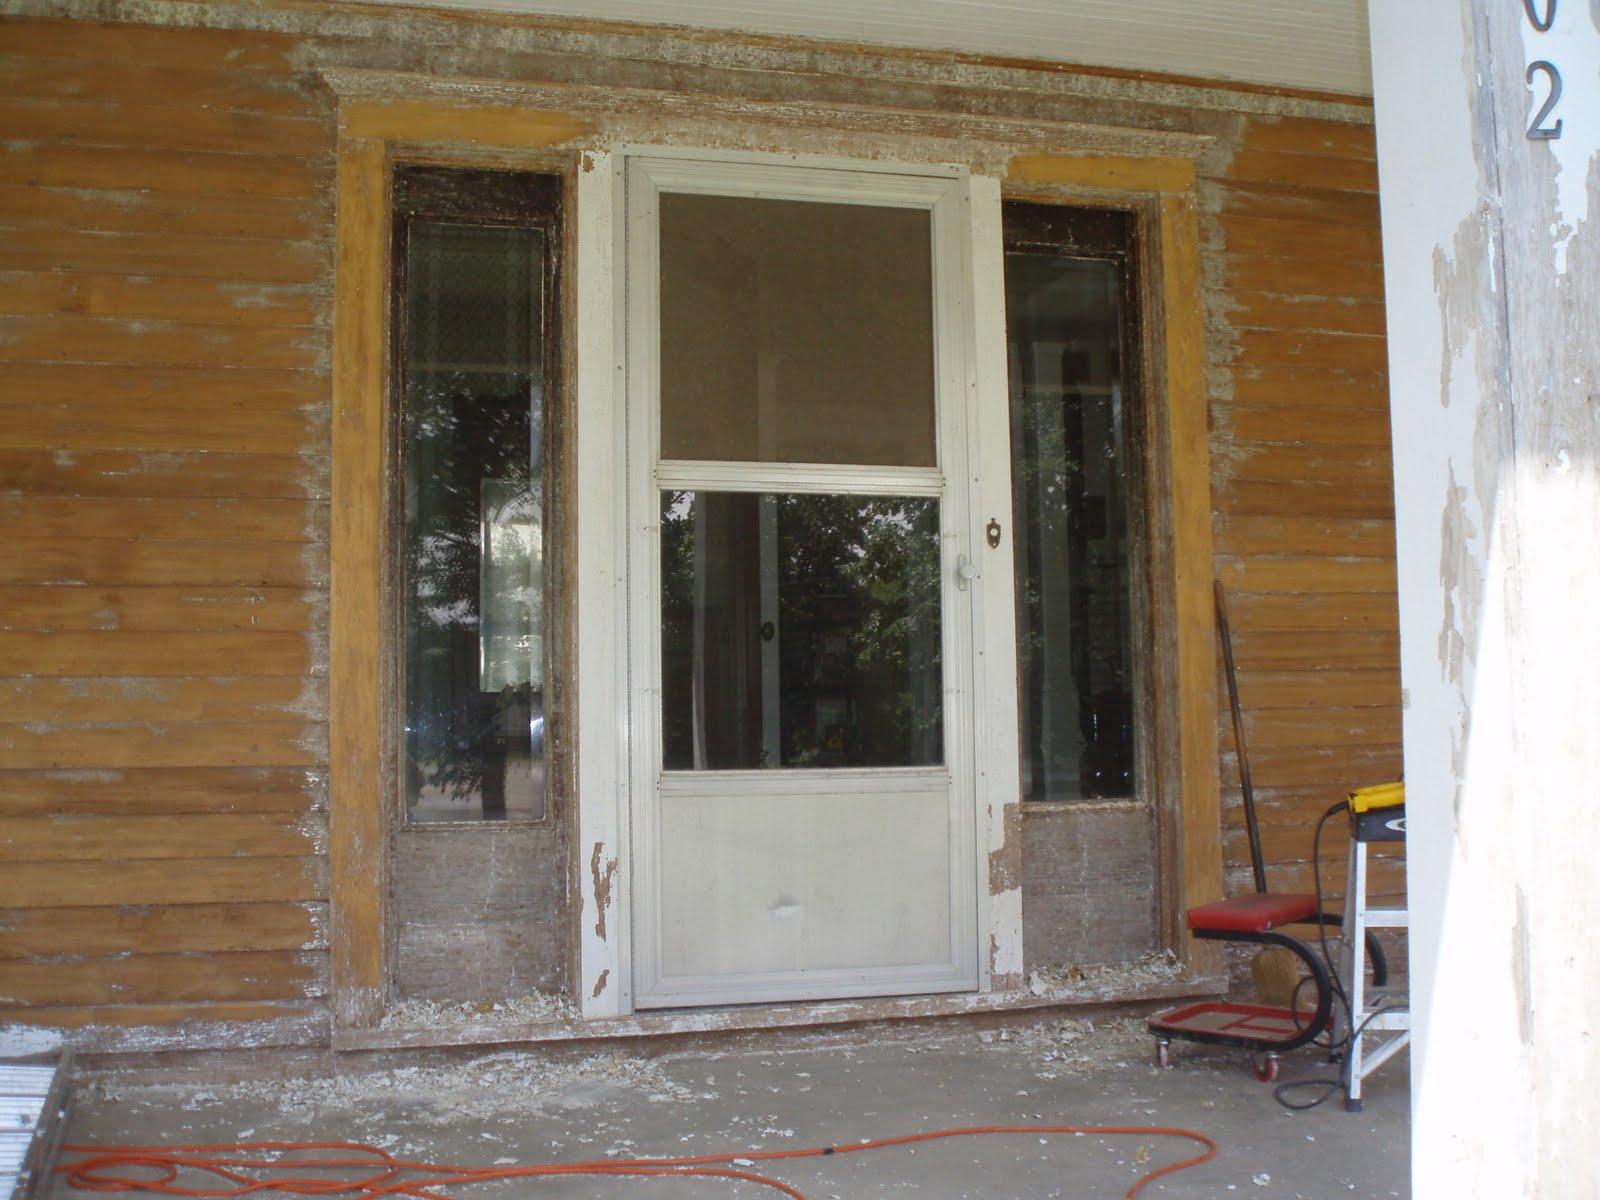 Cat Door Insert For Window Window Pet Door Insert Garage